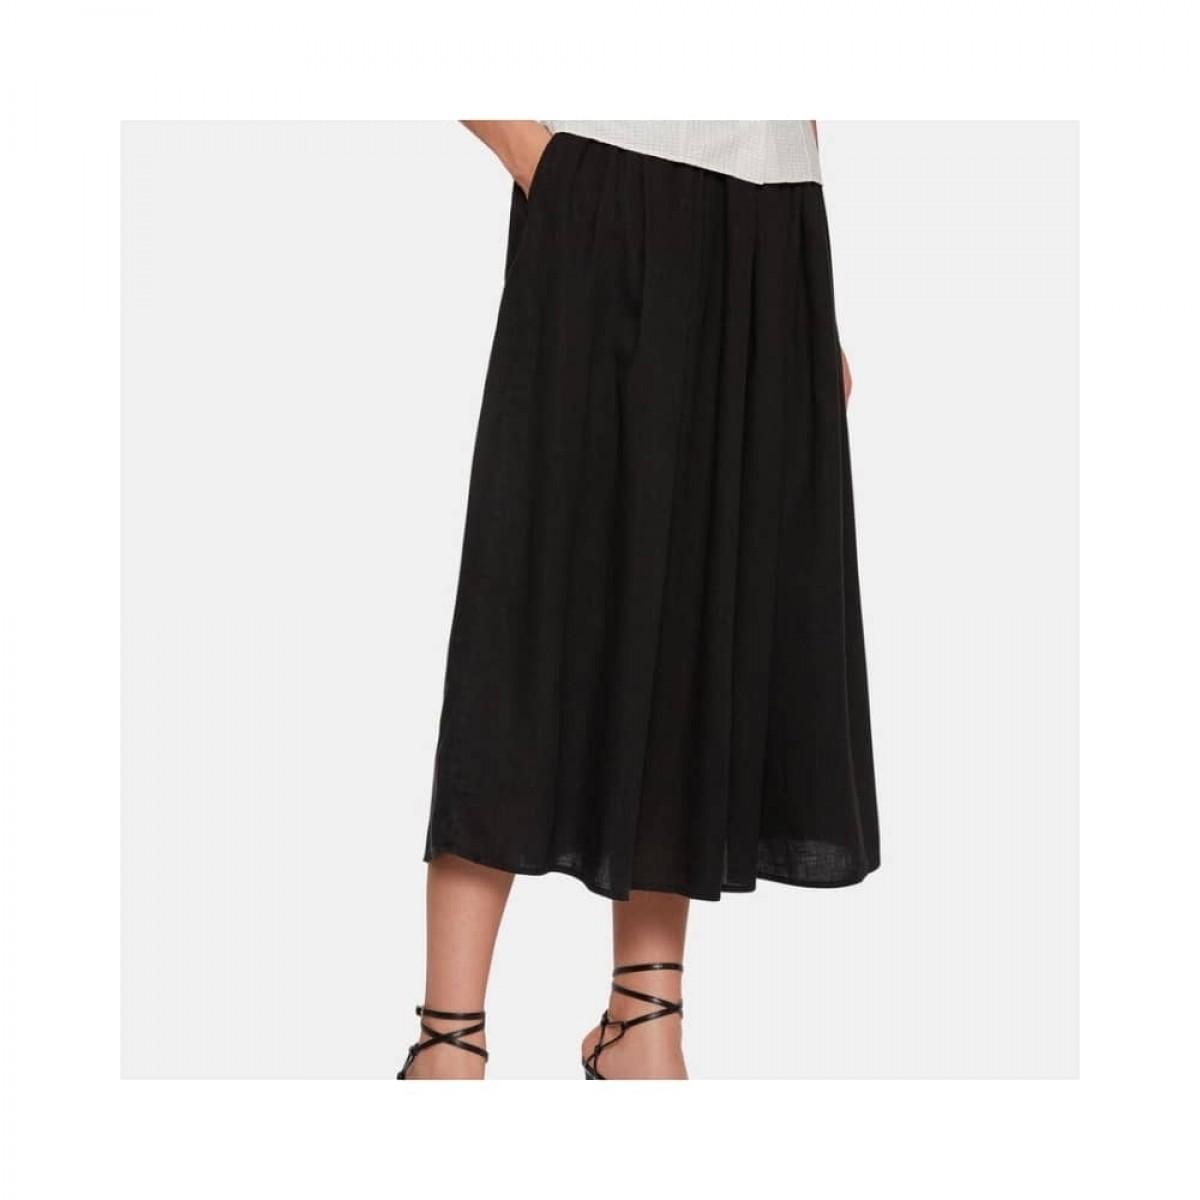 gonna nederdel - black - model nederdel